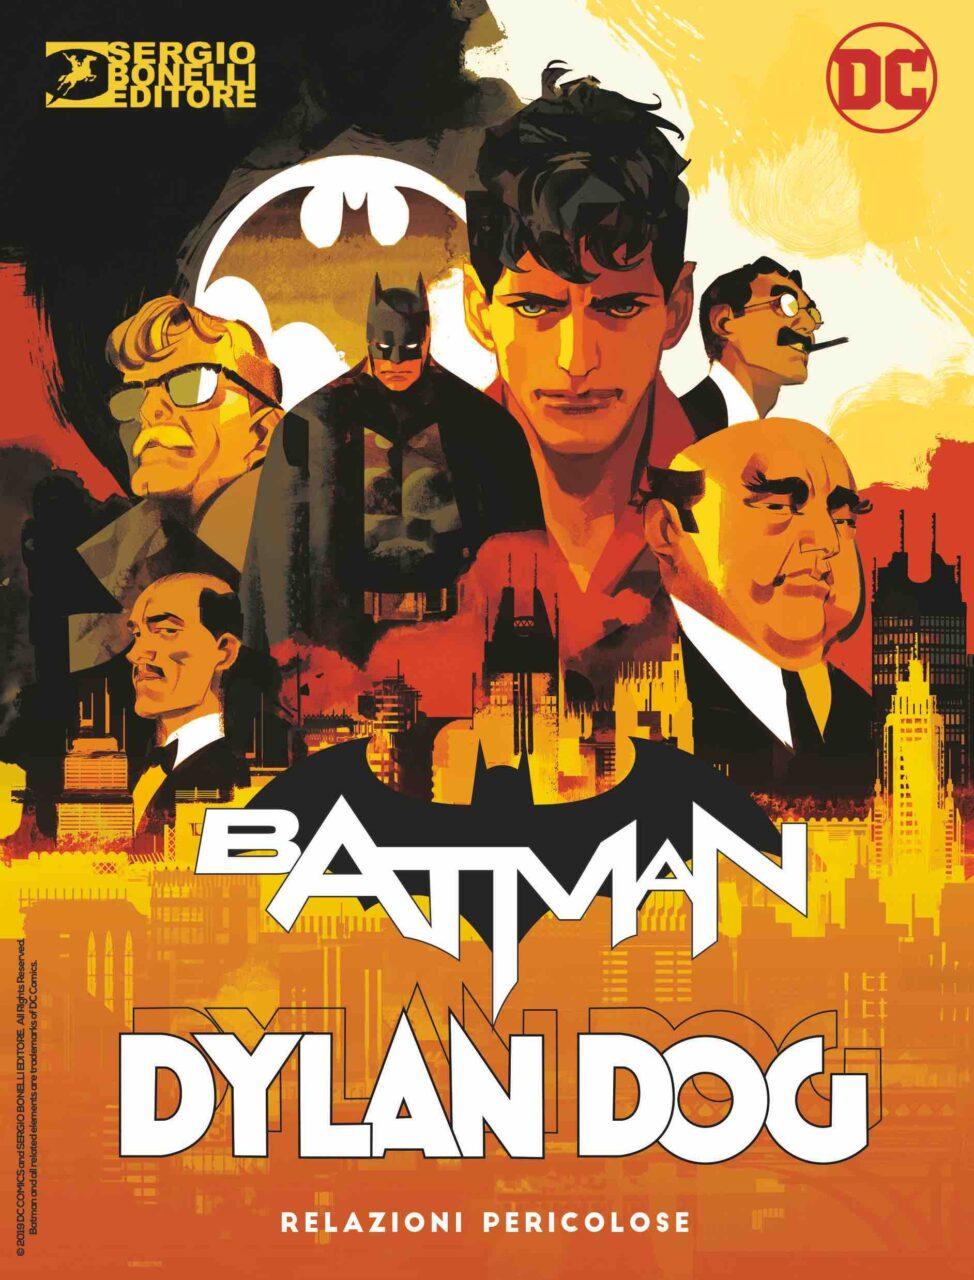 Sergio Bonelli Editore,DC eRW Edizioniin partnership per la pubblicazione di una miniserie